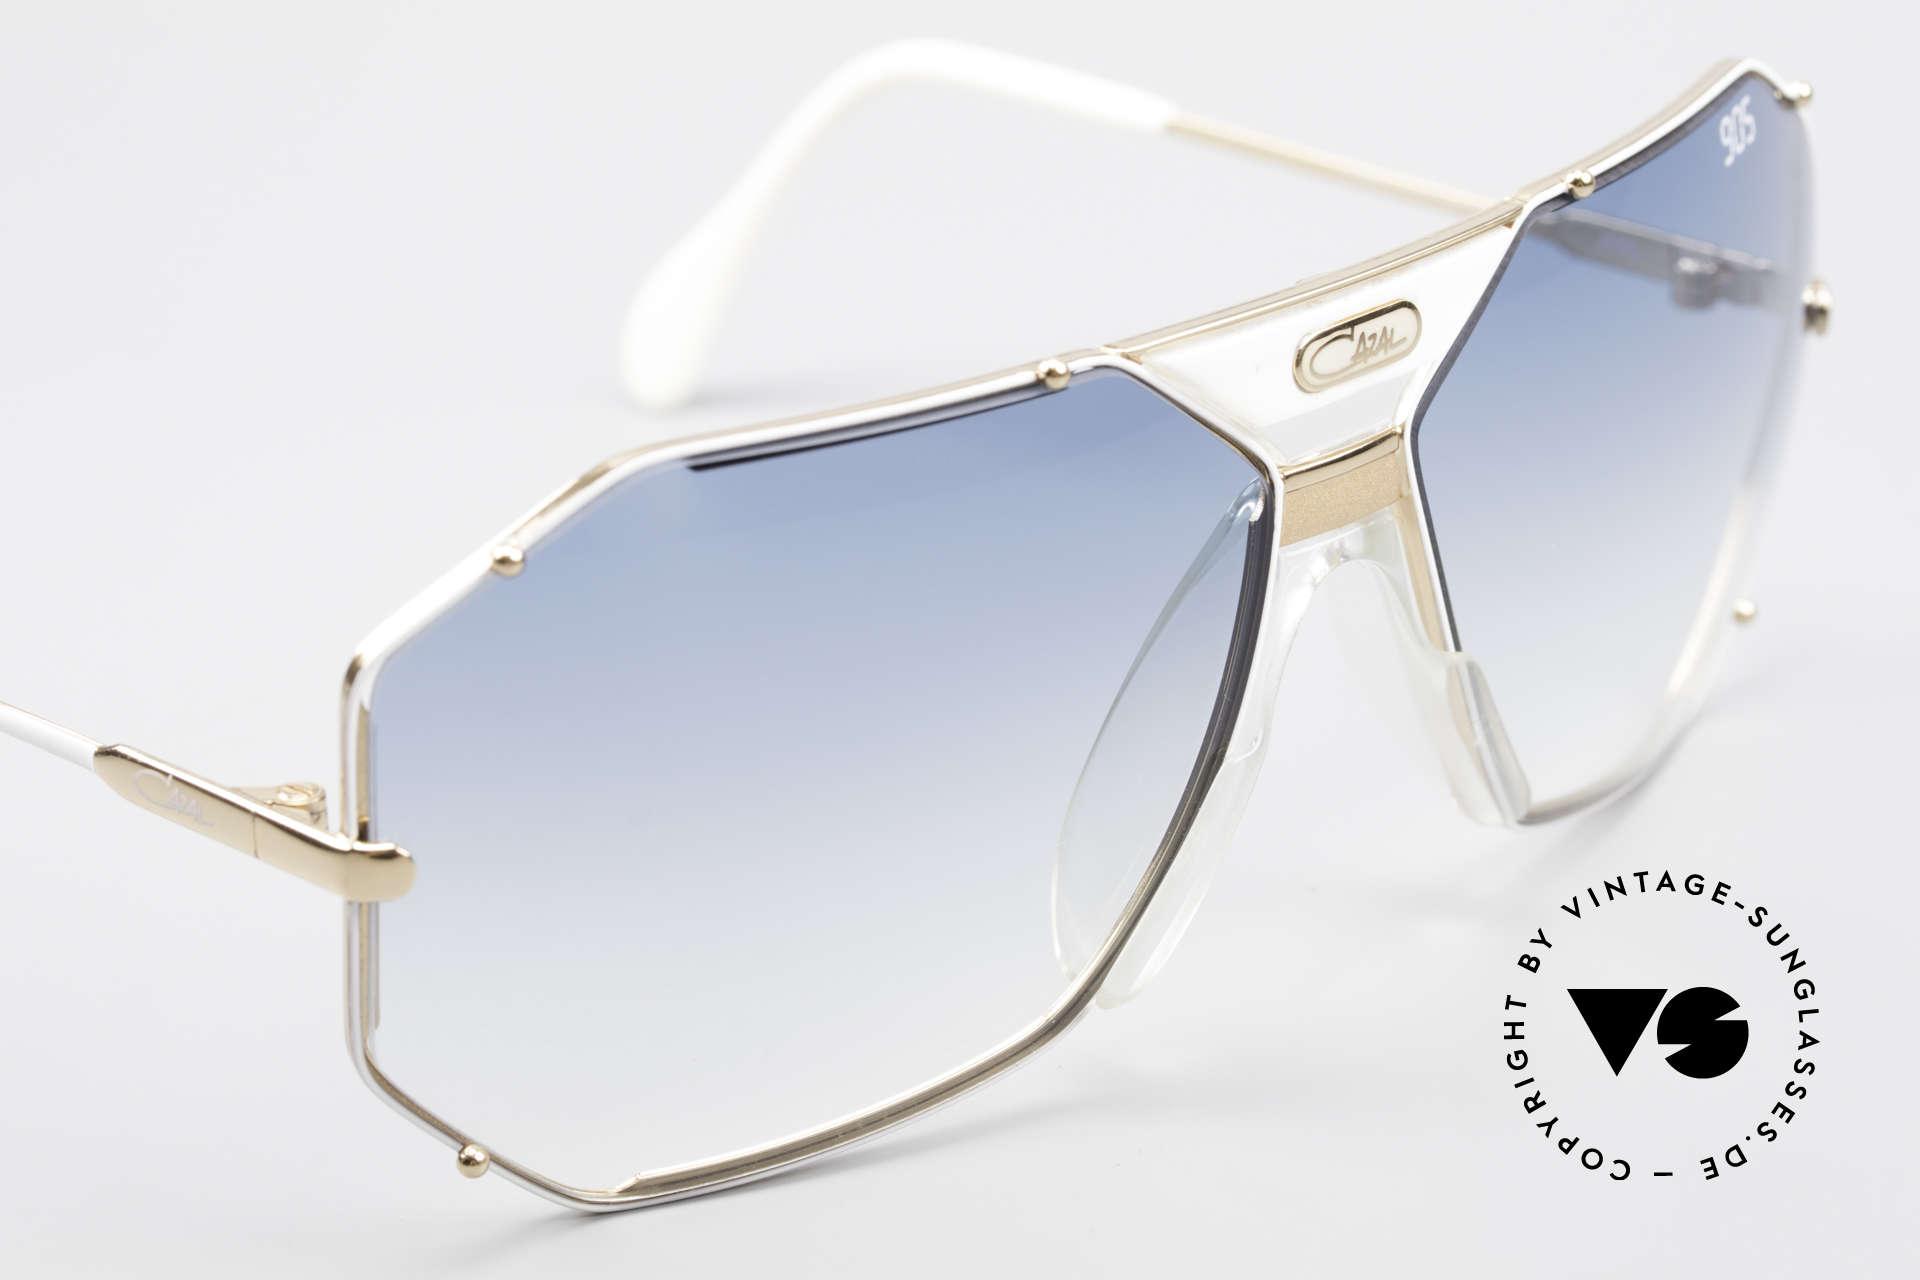 Cazal 905 Gwen Stefani Vintage Brille, ungetragen (wie alle unsere alten CAZAL Brillen), Passend für Herren und Damen